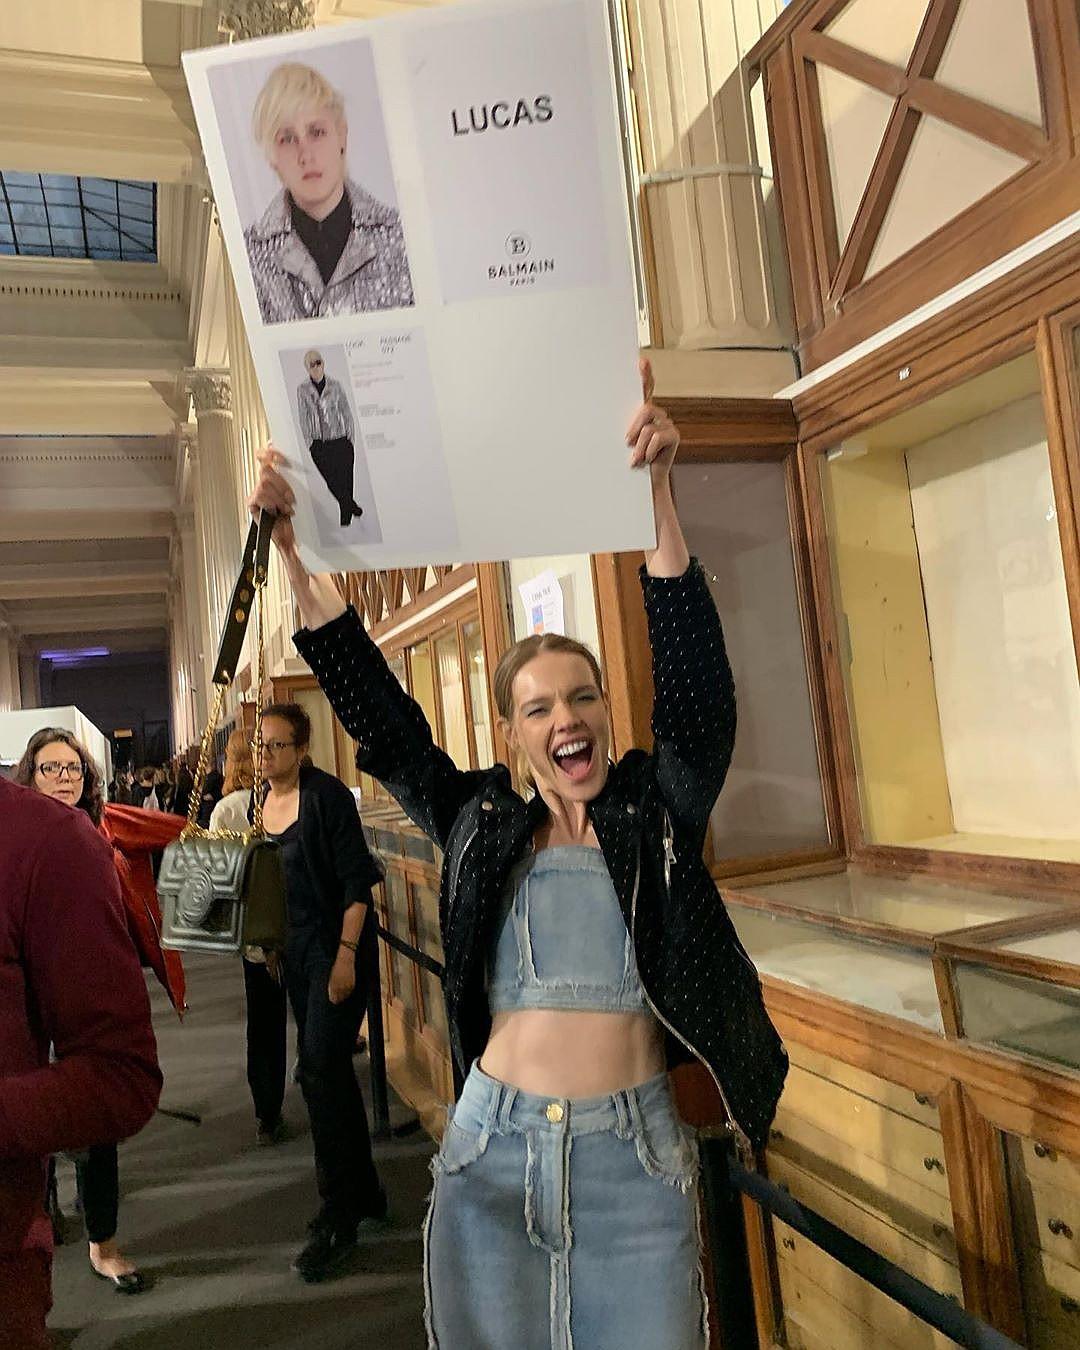 17-летний сын Натальи Водяновой дебютировал на Парижской Неделе моды красота,модельный бизнес,Наталья Водянова,новости,развлечение,шоубиz,шоубиз